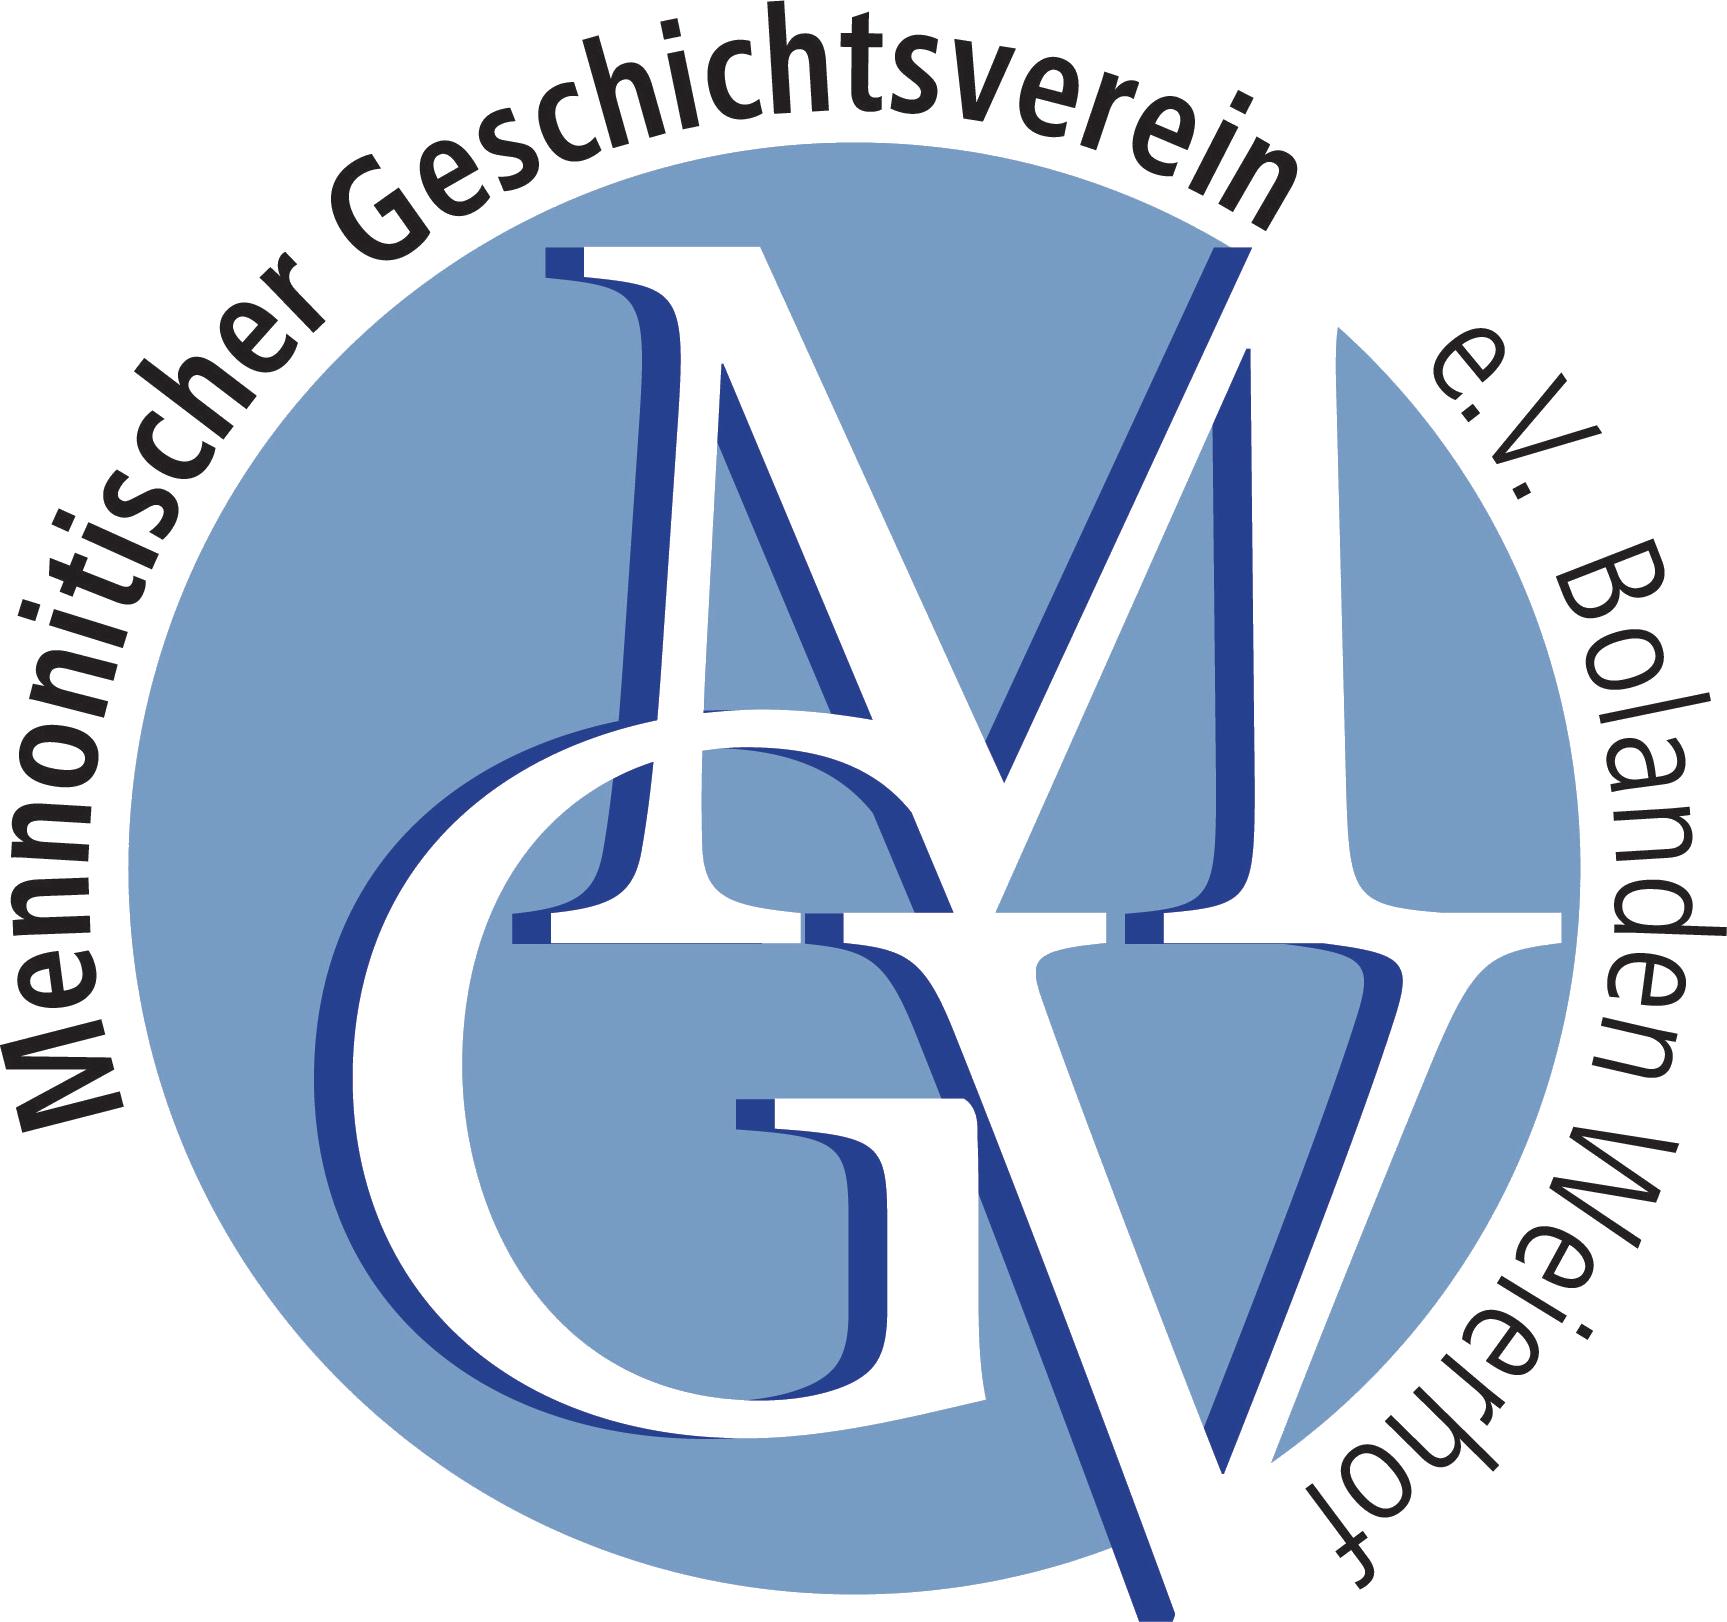 Mennonitischer Geschichtsverein